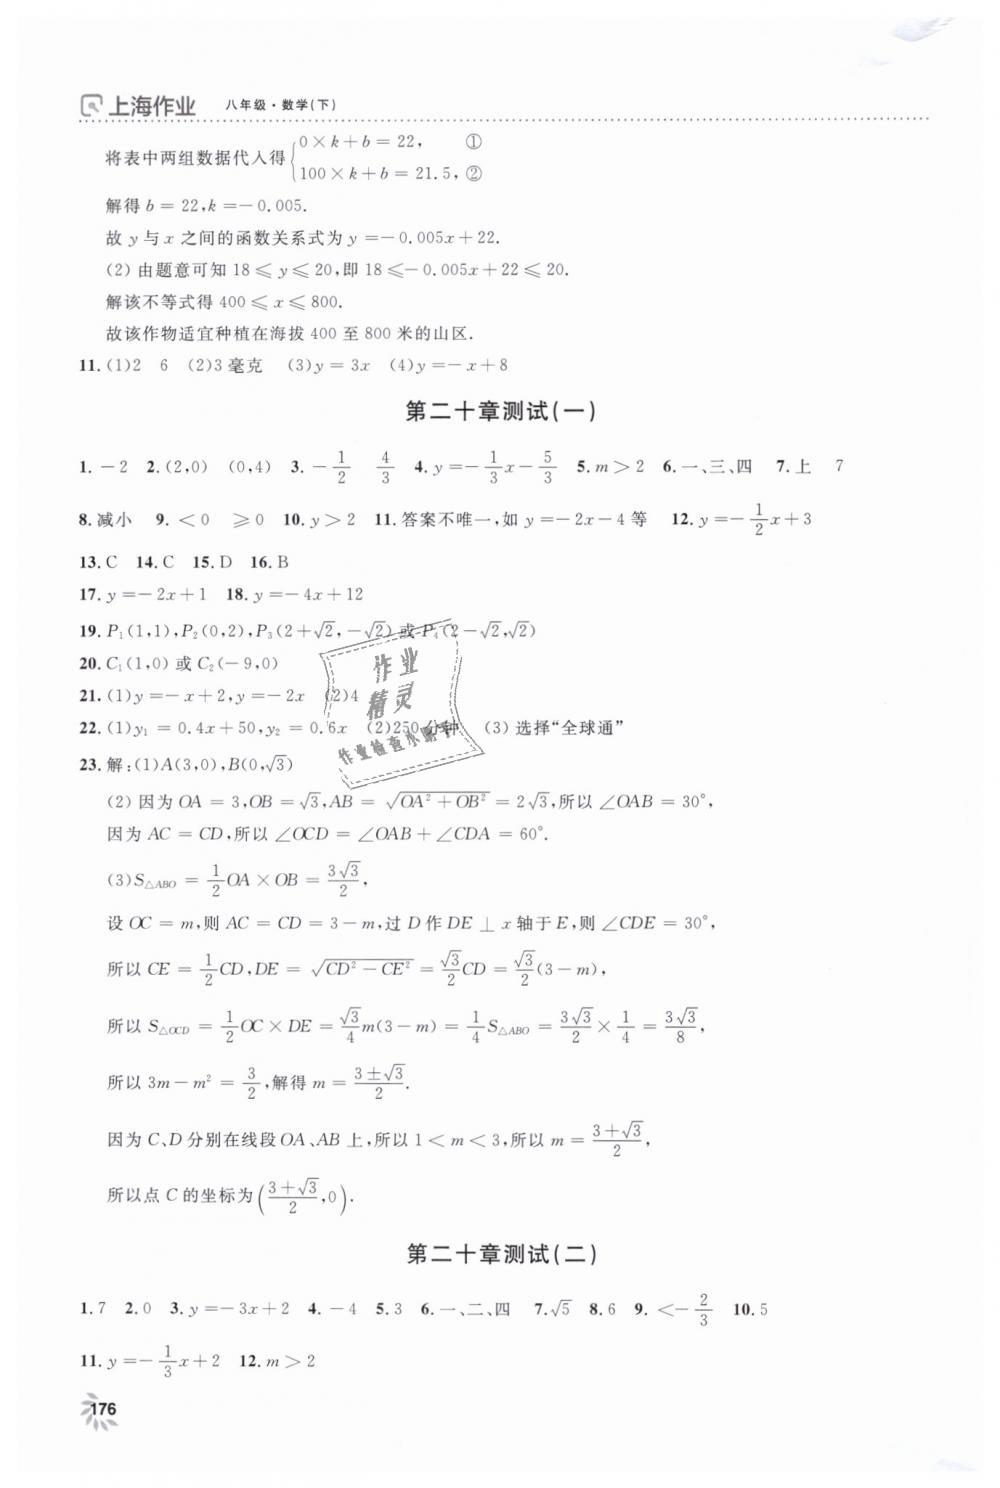 2019年上海作业八年级数学下册沪教版第4页